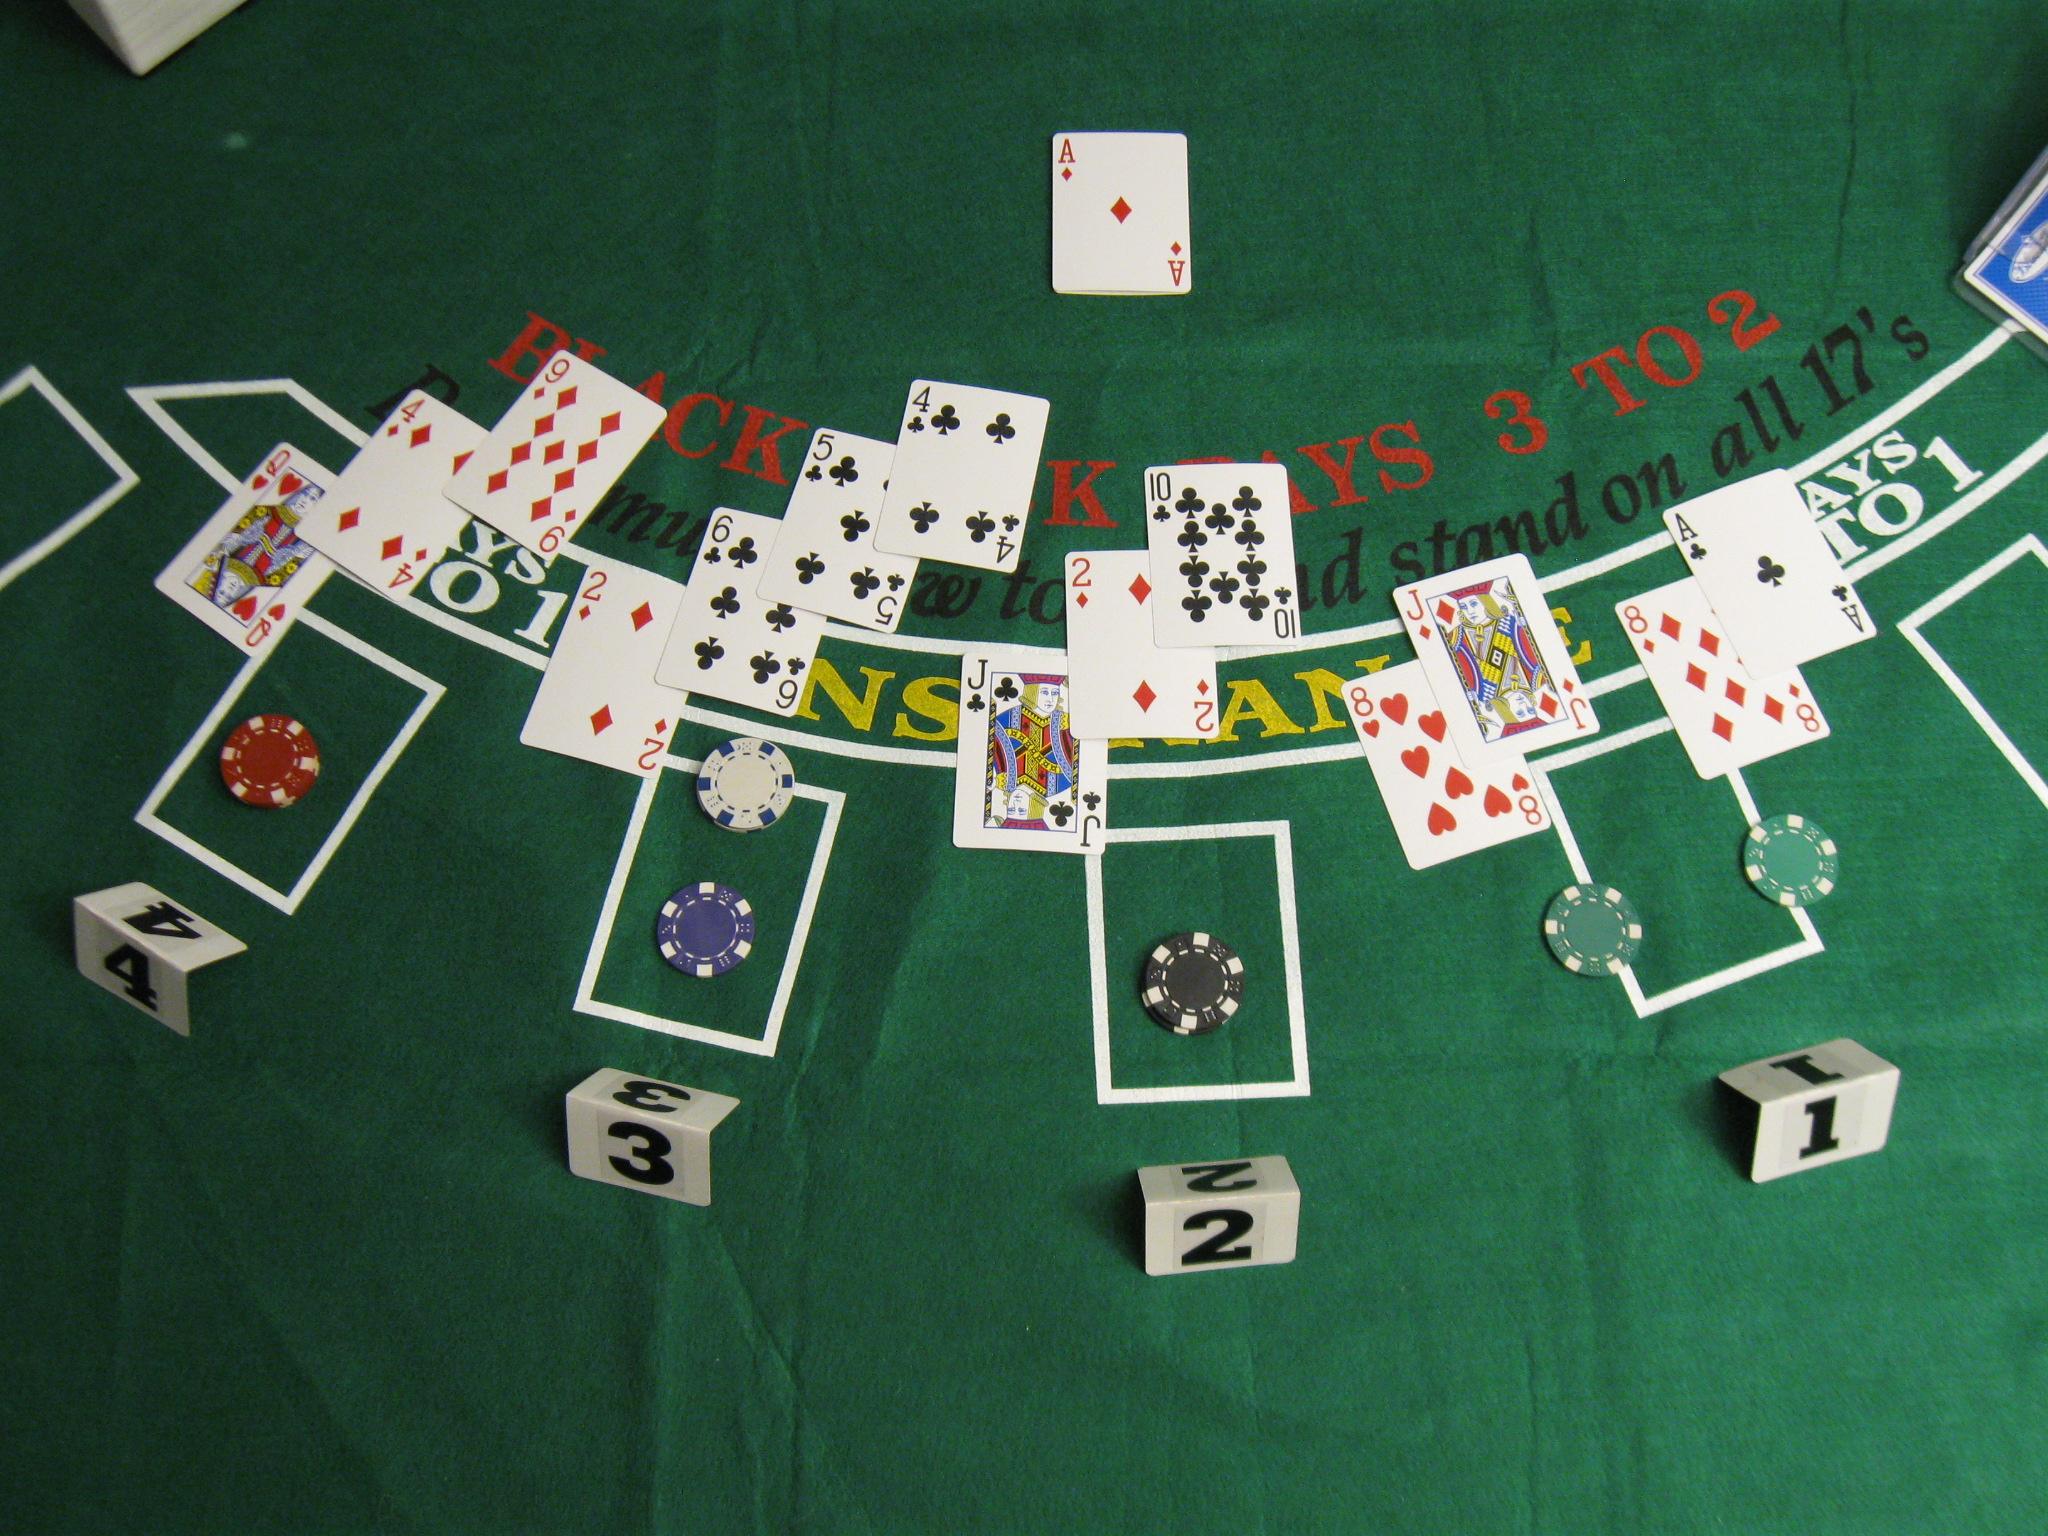 Compter Carte Blackjack.Garder L Avantage Au Blackjack En Comptant Les Cartes